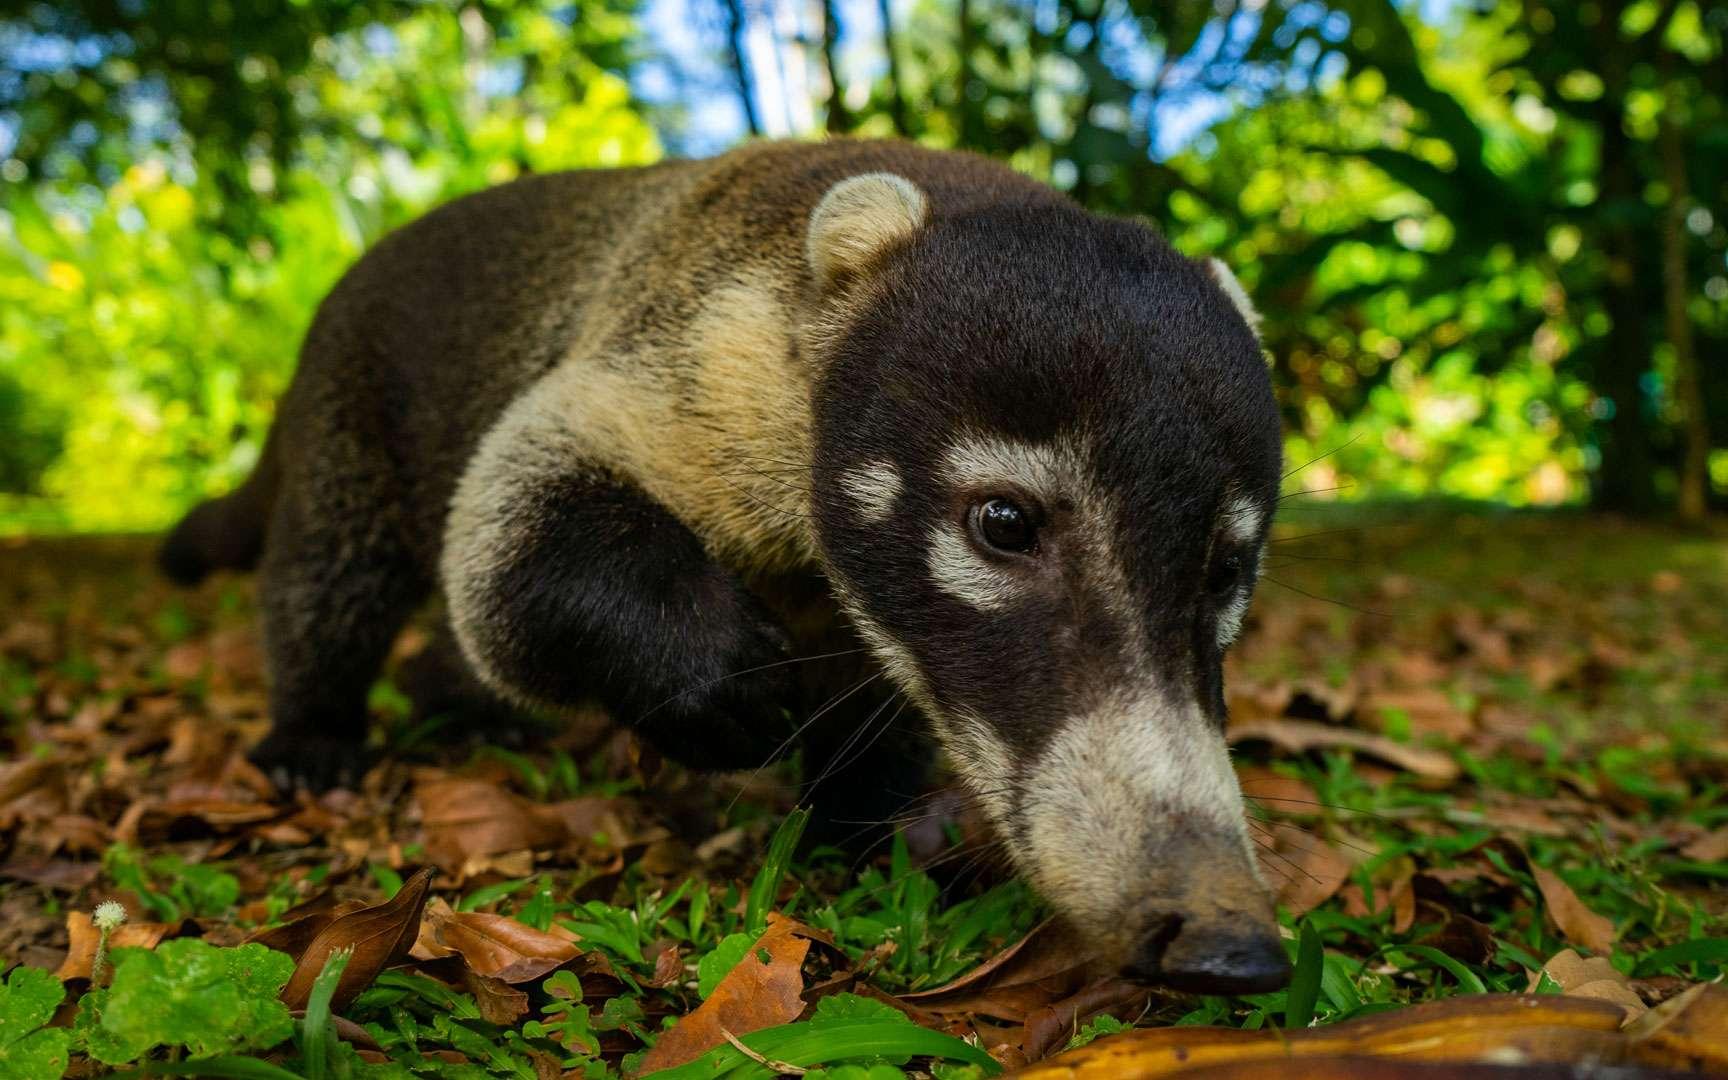 Le Coati à nez blanc, de la taille d'un très gros chatVivant principalement en Amérique centrale, le Coati à nez blanc (Nasua narica)est un petit mammifère diurne et omnivore, de la famille des ratons laveurs (les Procyonidés). Il a la taille d'un gros chat, d'un poids oscillant entre 3,7 et 7 kg, un masque facial blanc sur les yeux et un long museau qui lui sert à fouiller le sol à la recherche d'insecte. Les femelles vivent en groupe, avec leur progéniture, tandis que les mâles sont plutôt solitaires. Le coati dort en hauteur dans les arbres ; aussi agile qu'un écureuil, c'est un bon grimpeur curieux et intelligent qui se laisse approcher mais il est roublard et gourmand, Niklas Weber en a fait les frais alors qu'il guettait les colibris : « Une famille de coati est soudainement passée, ce petit gars était super méchant et a volé ma banane. » Il est souvent repéré aux abords des habitations, fouillant les poubelles.Niklas Weber © tous droits réservés